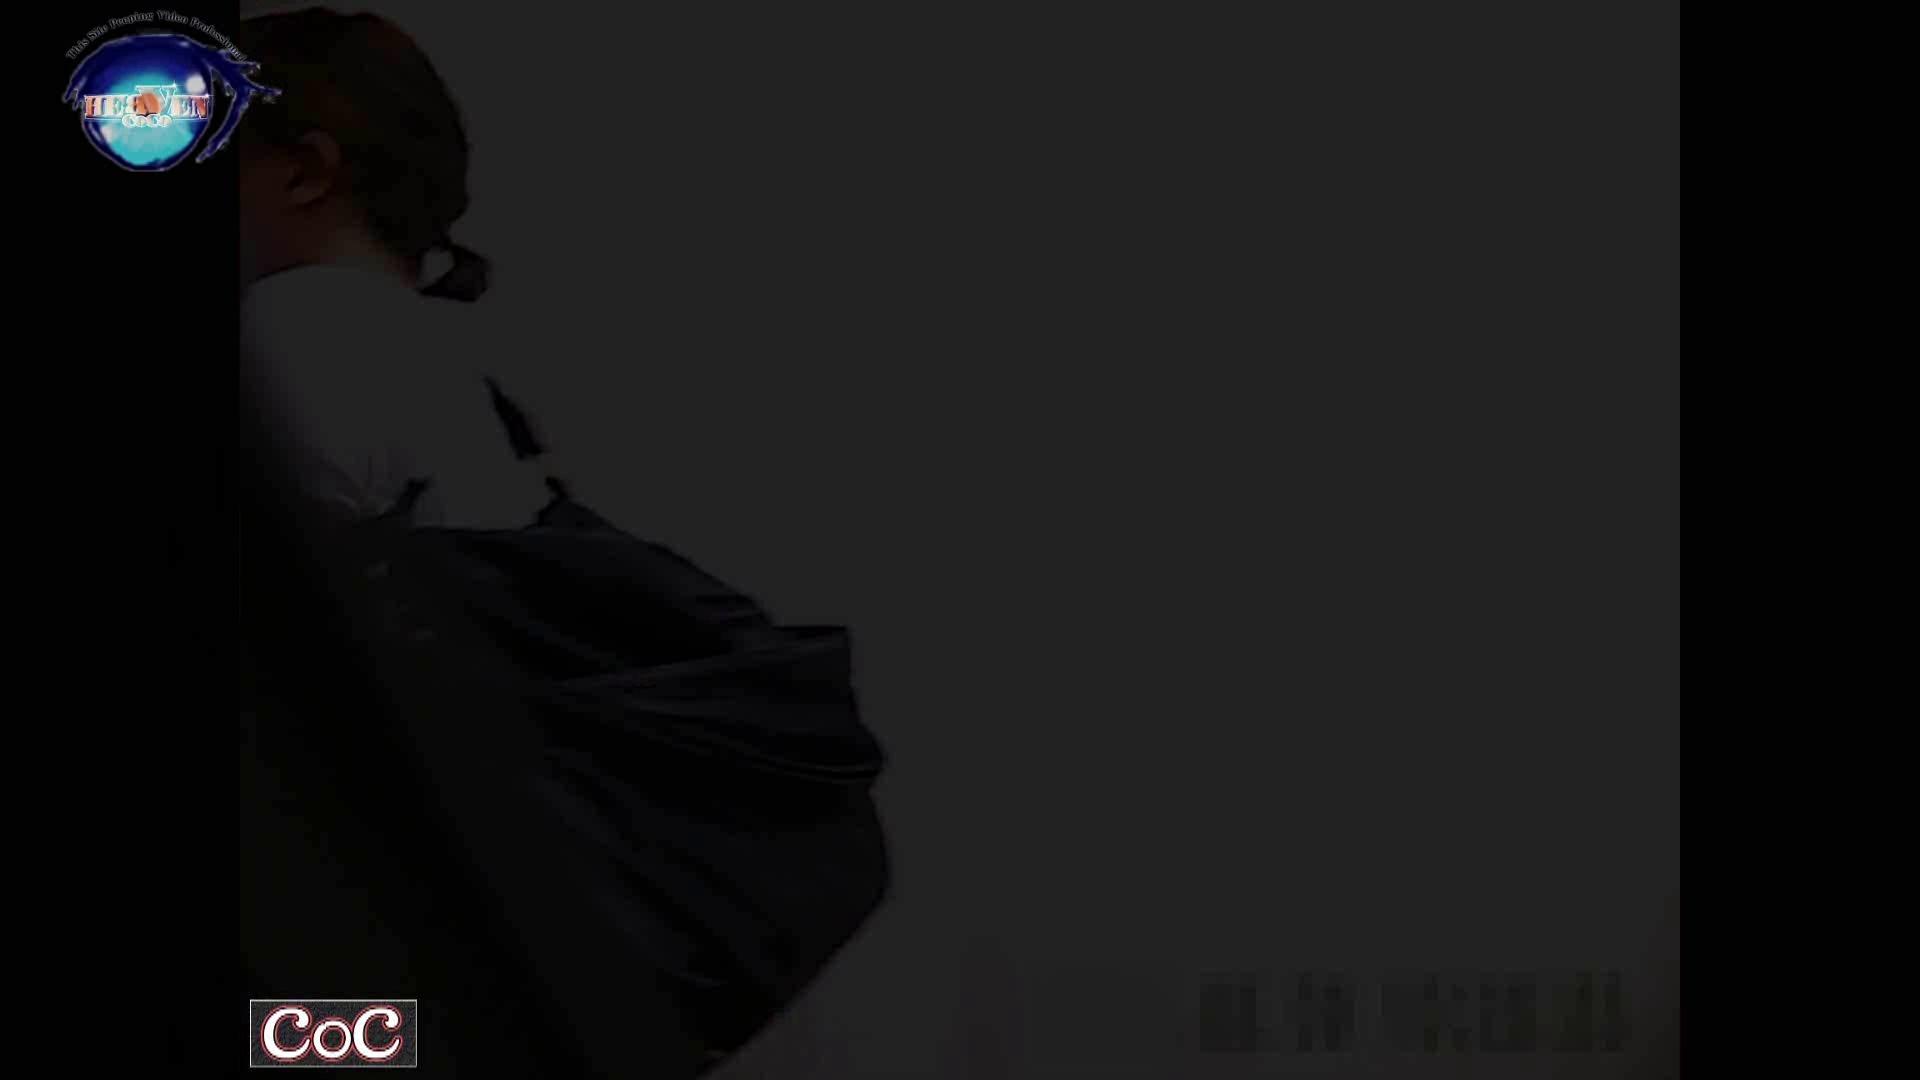 激ヤバ健康診断!着替えの一部始終.vol.13 ※本編ボカシ・目線無し ナースのエロ動画 | ギャルのエロ動画 のぞき 97PIX 41